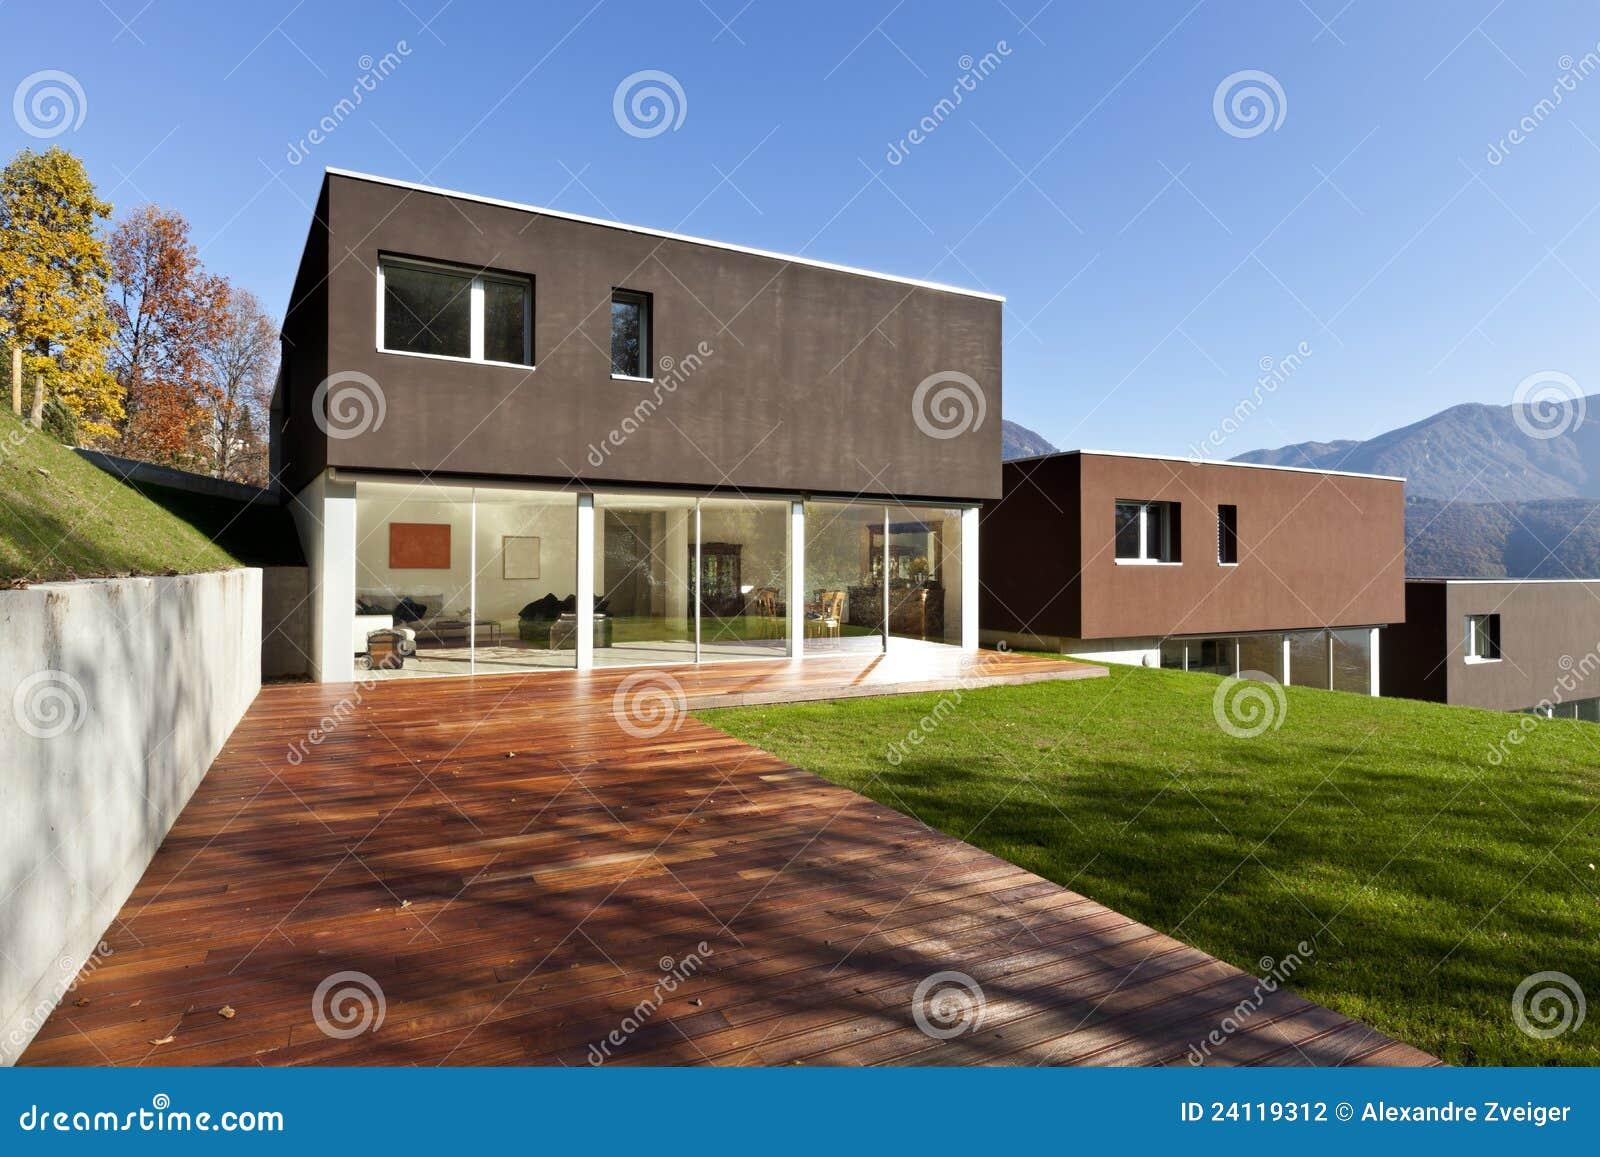 Case moderne con il giardino fotografia stock immagine for Foto case moderne